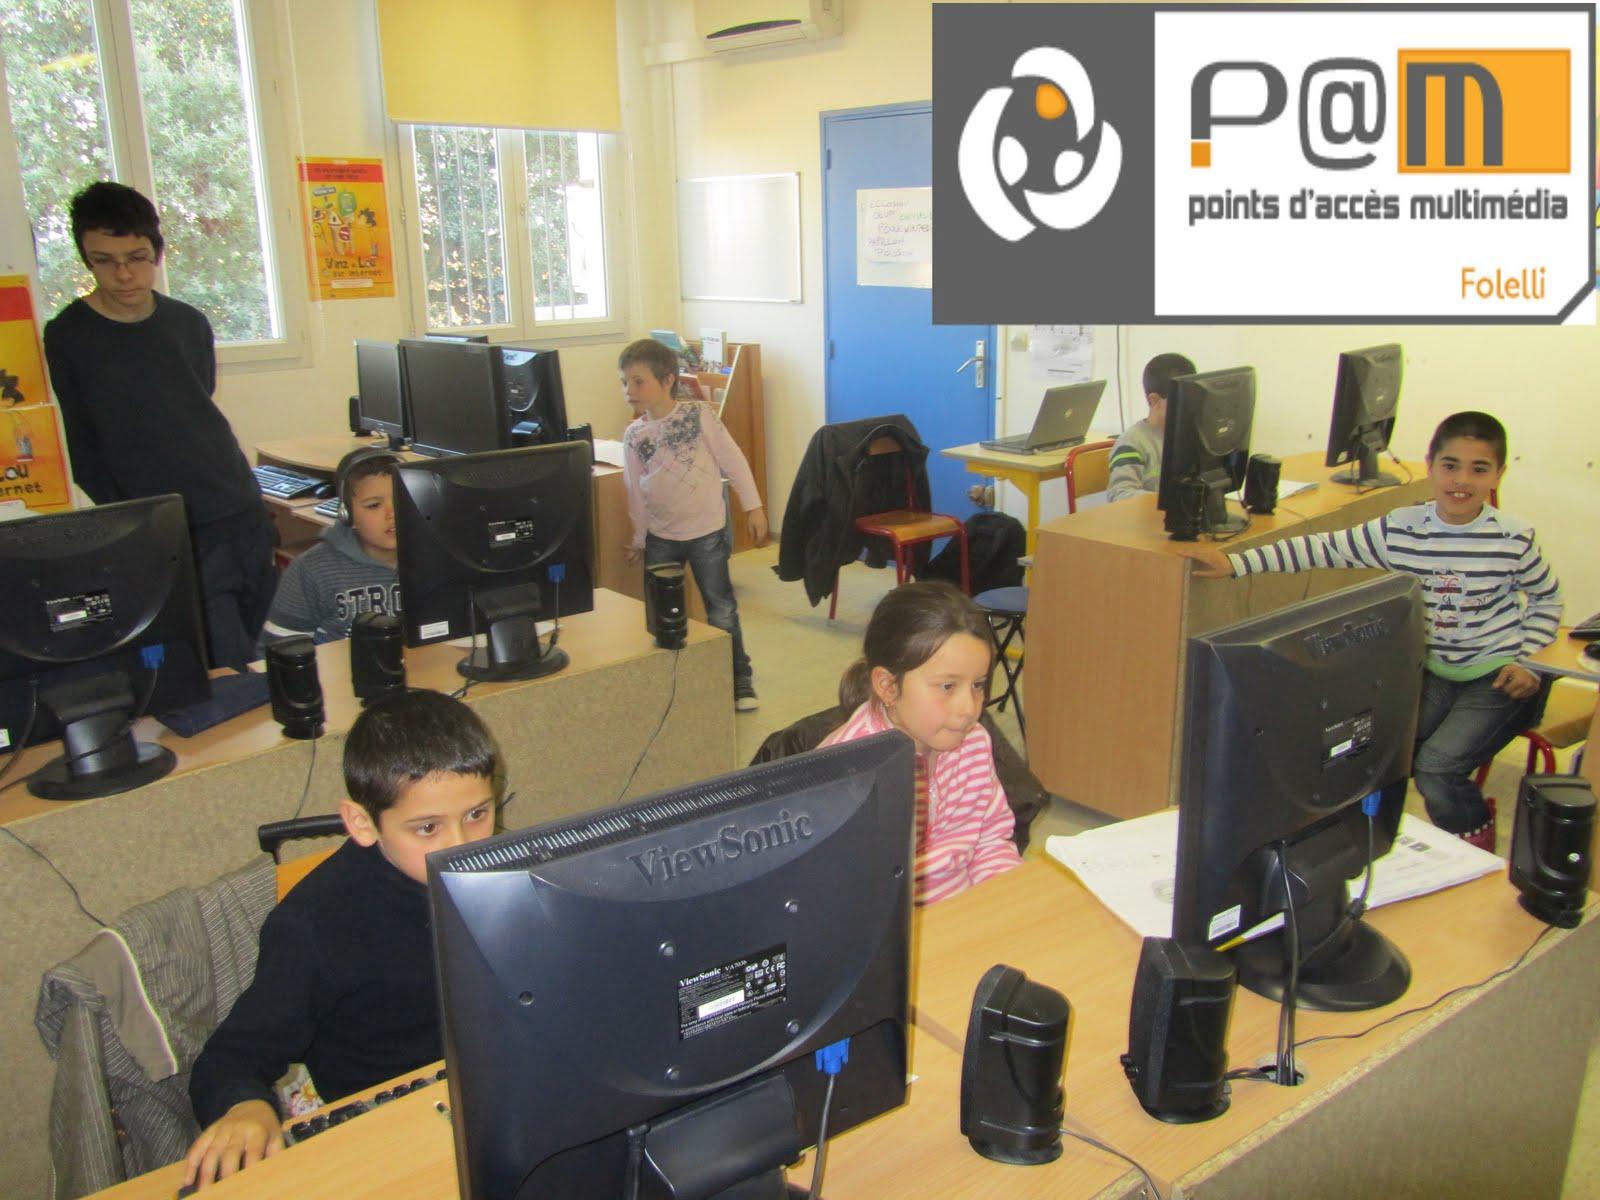 http://1.bp.blogspot.com/-NhOSWp9hzm0/TXkCpdvUt_I/AAAAAAAAAFg/JPzvM-GsCbQ/s1600/cliketude%2B10.03.2011.jpg